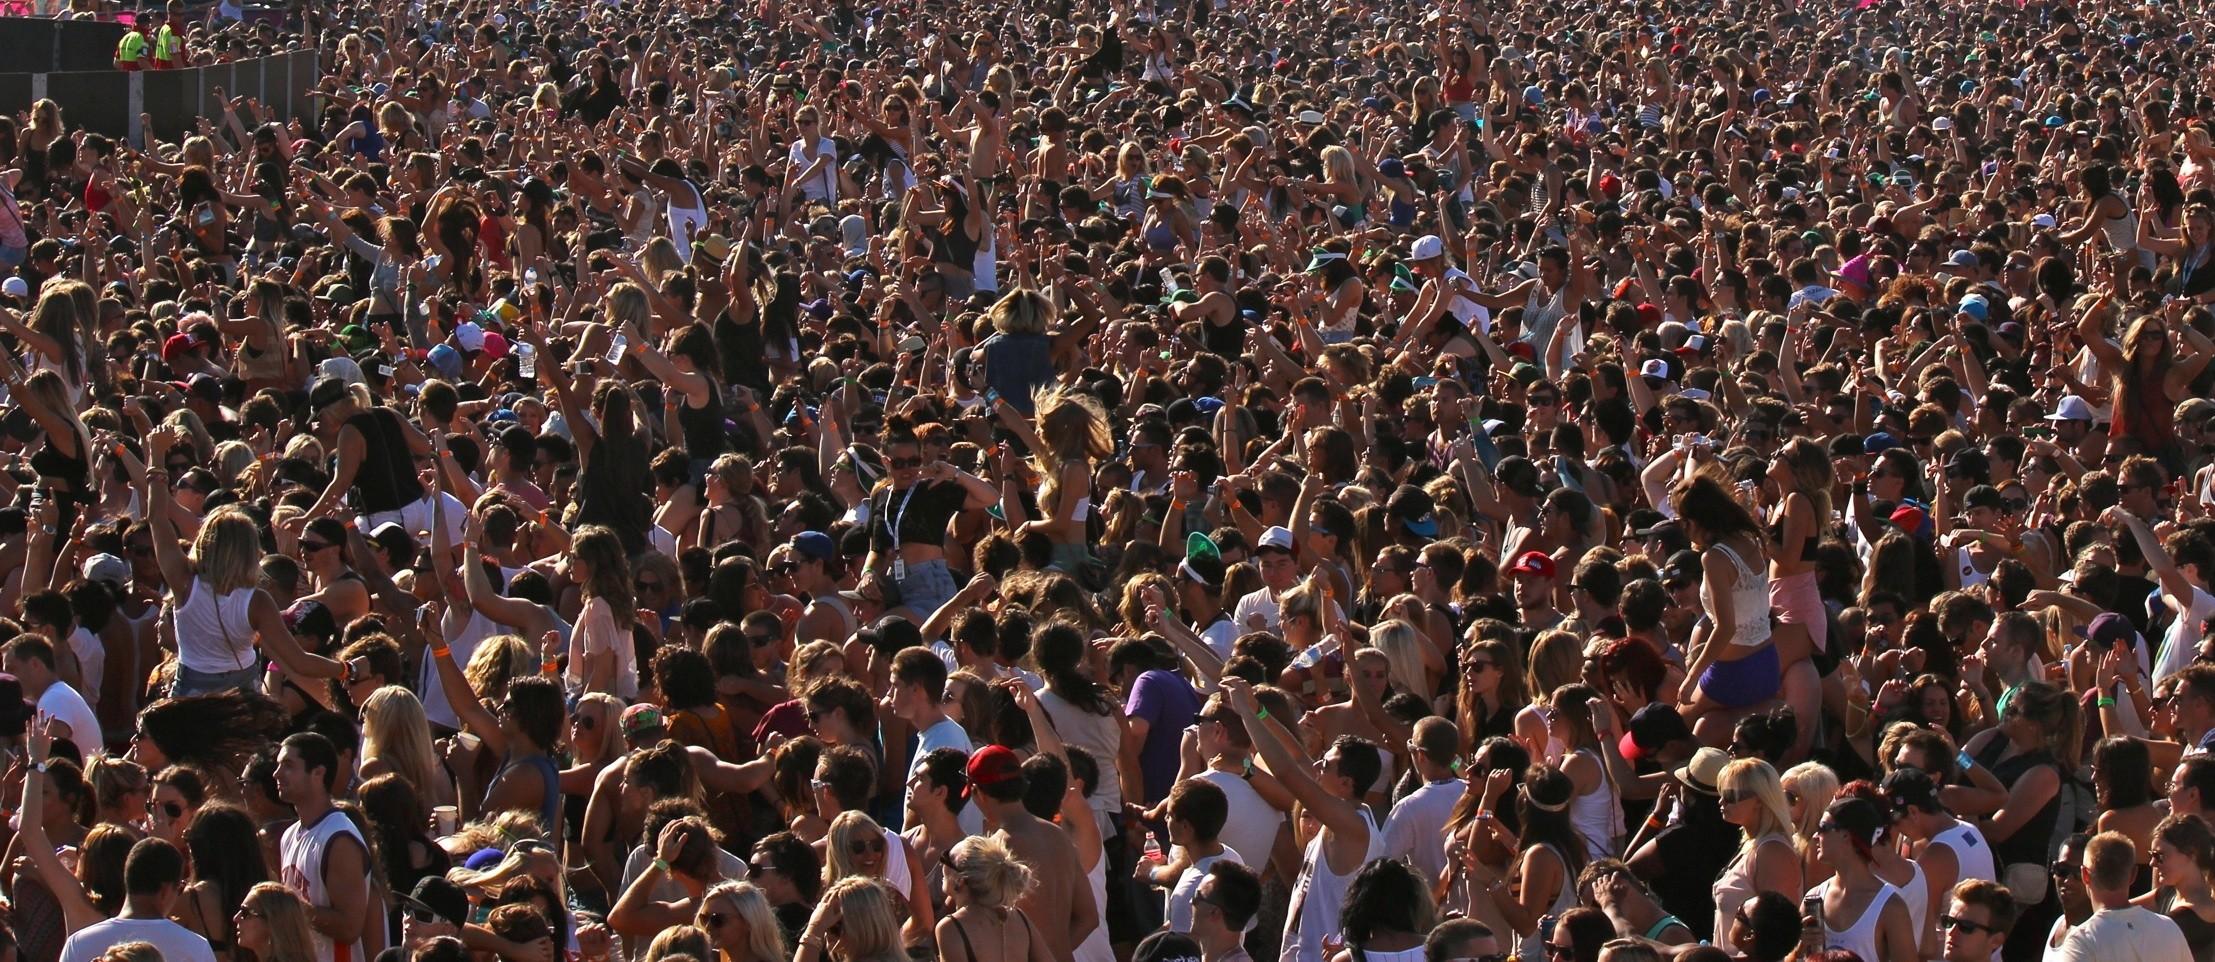 Crowd, public domain